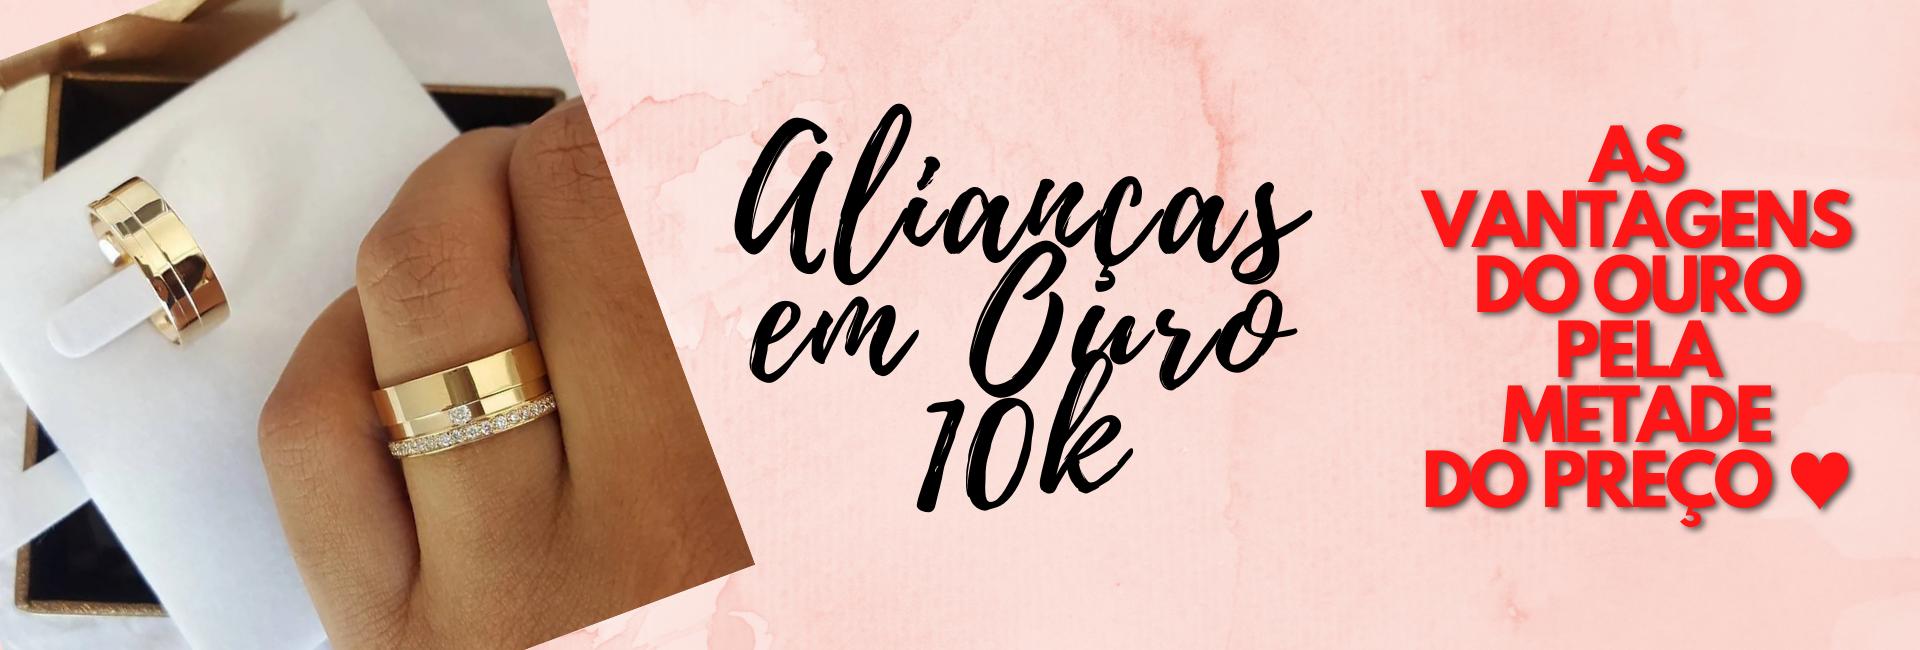 ALIANÇAS OURO 10K NOIVADO CASAMENTO